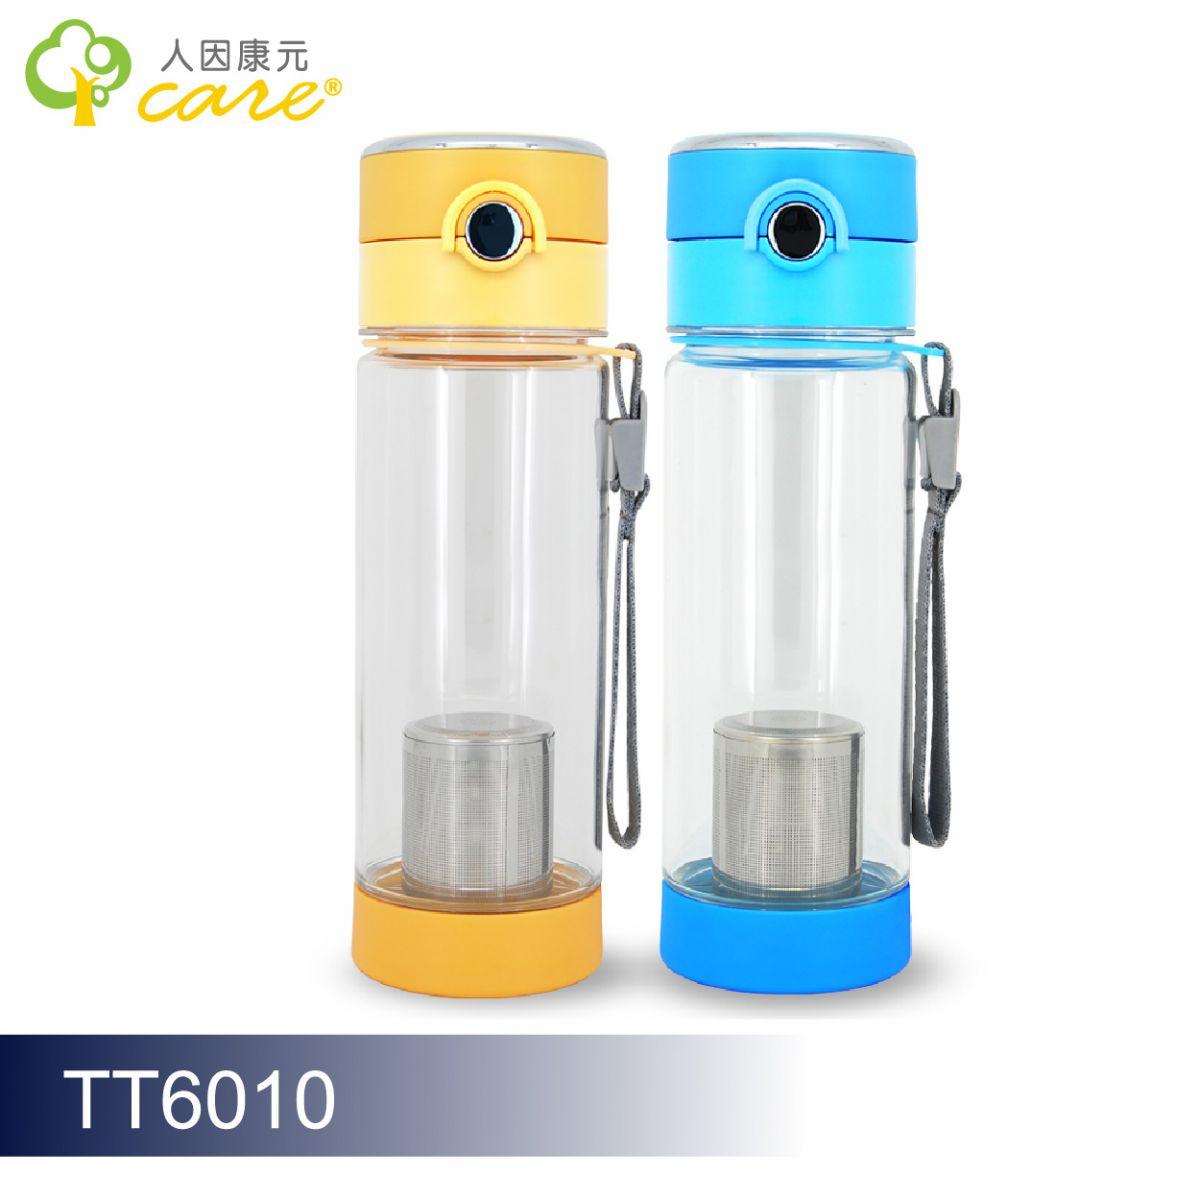 【ErgoCare】新負離子能量創意果茶壺 TT6010Y 鮮橙黃 600ml